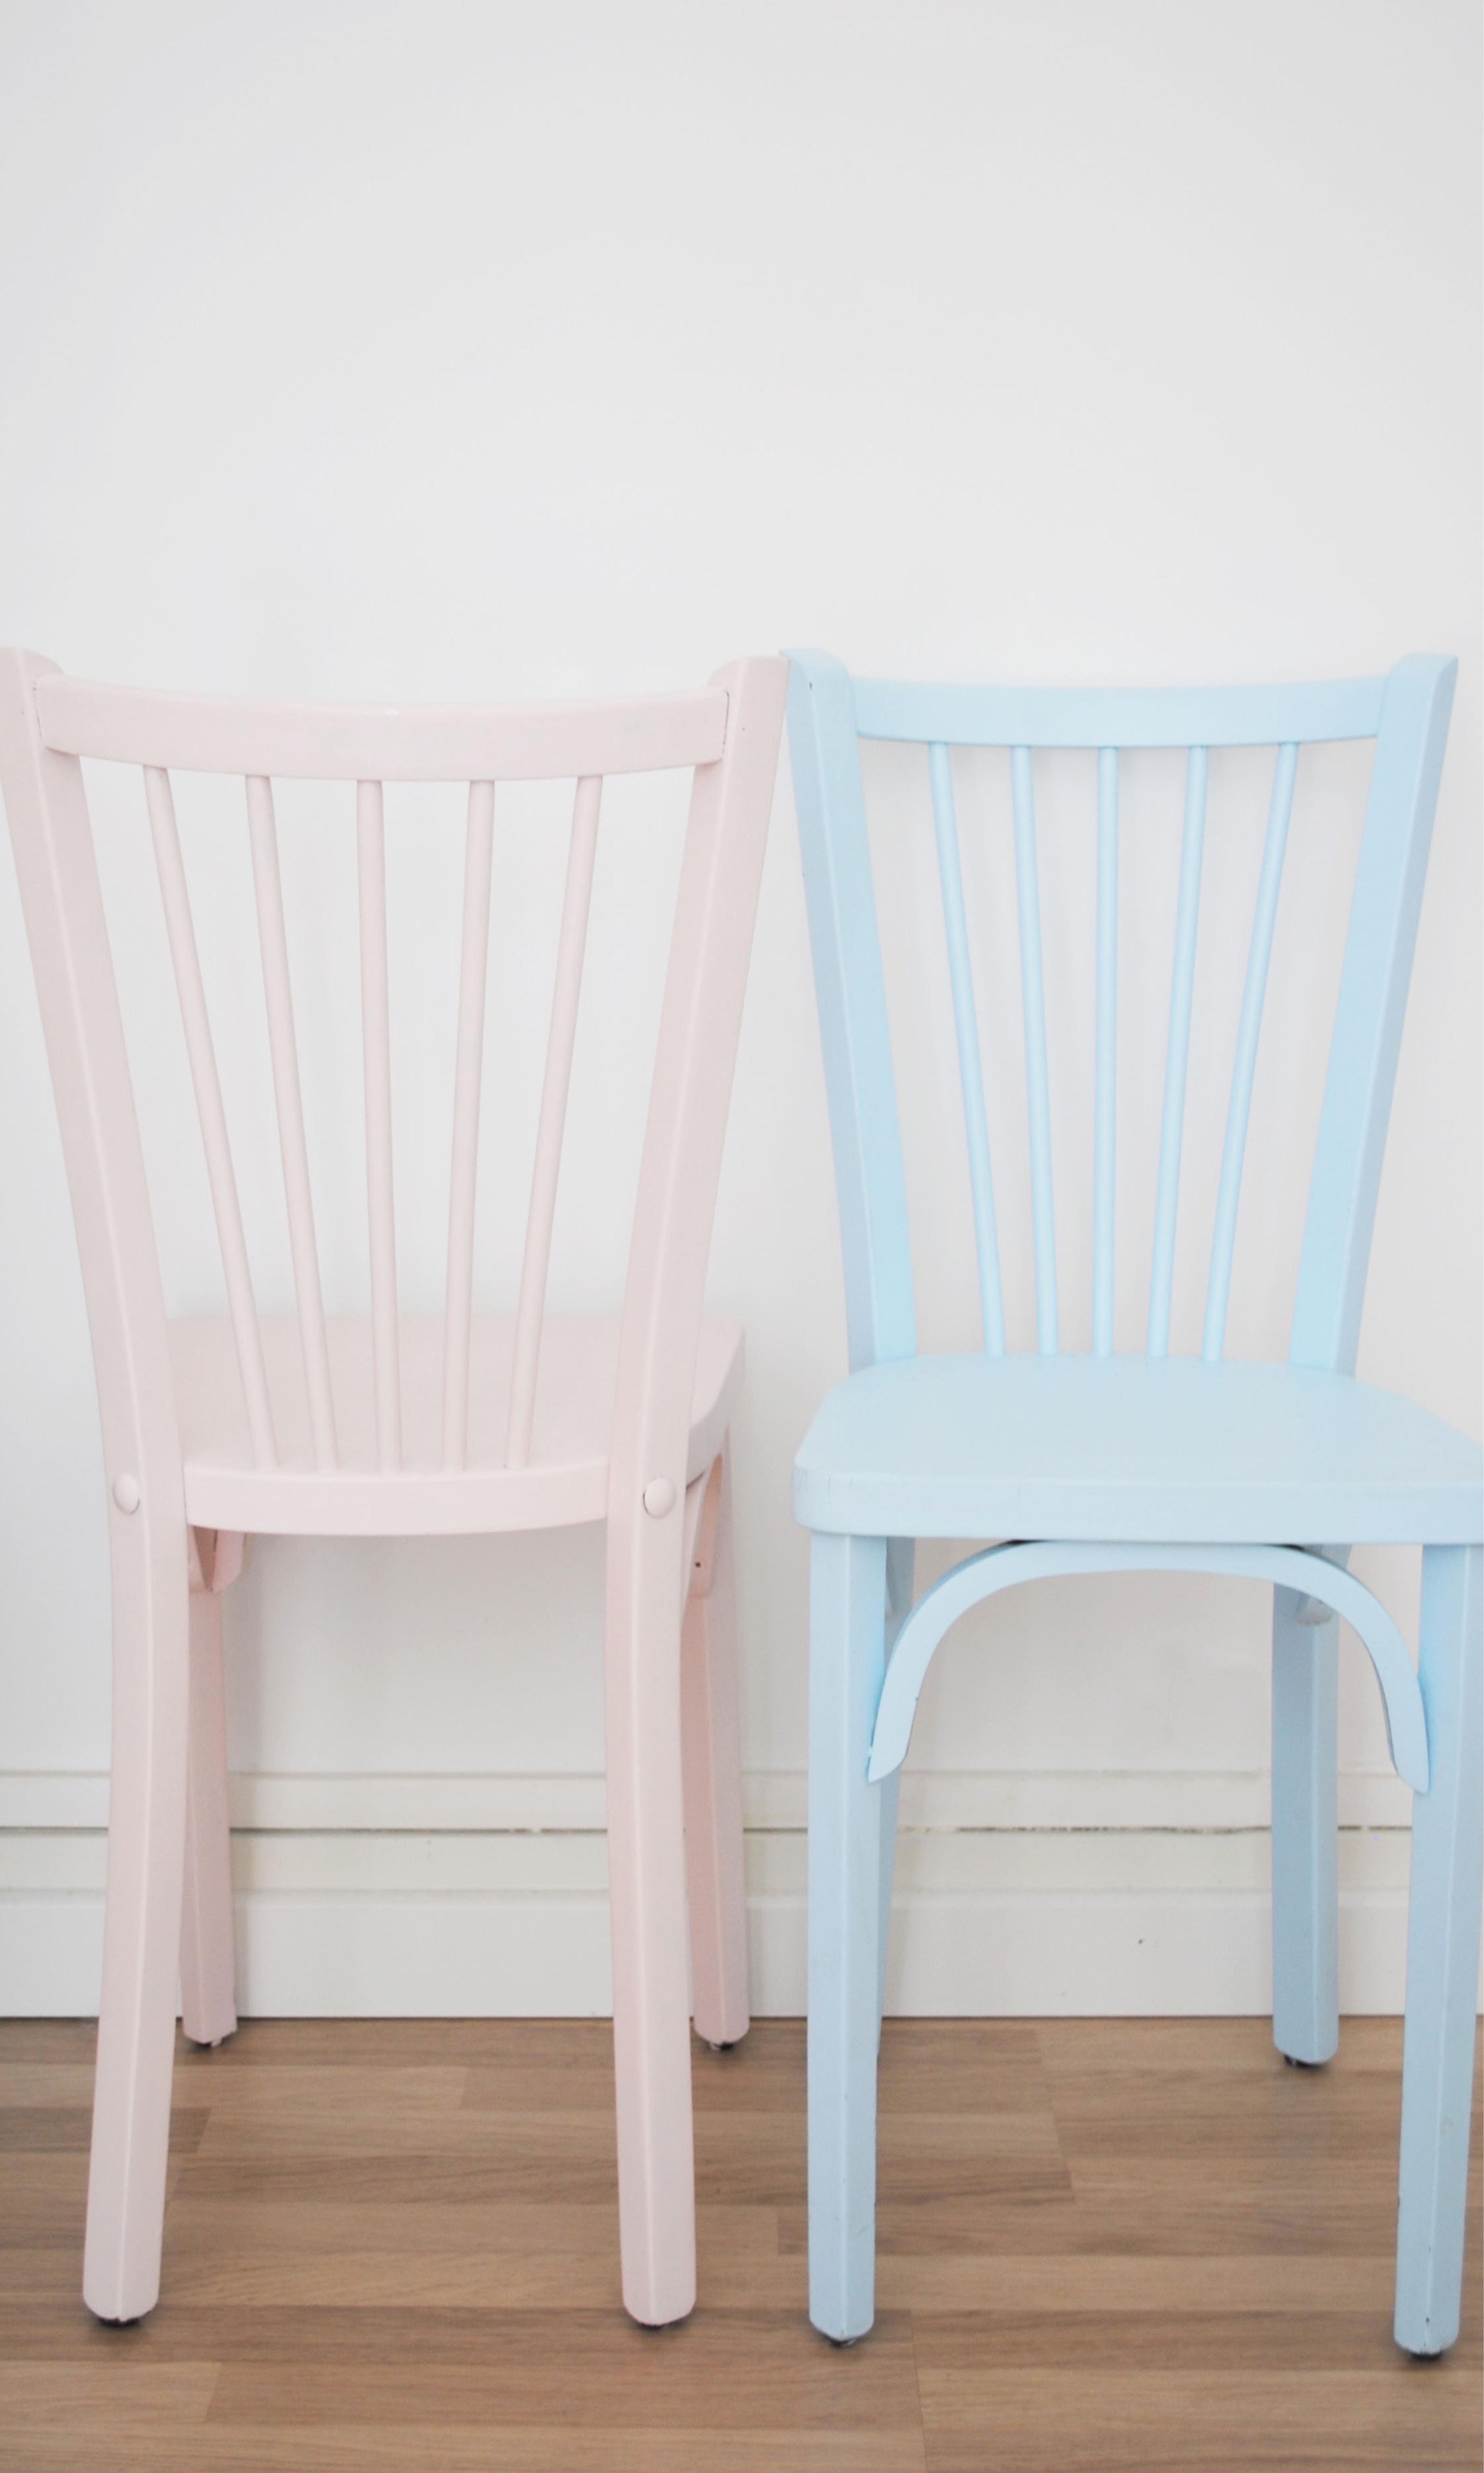 Chaise bistrot restauration de mobilier l'Atelier d'Elisa3